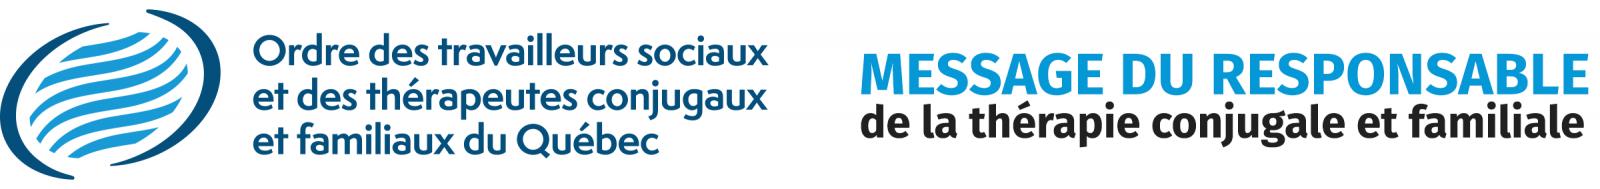 Logo Ordre des travailleurs sociaux et des thérapeutes conjugaux et familiaux du Québec (Message du responsable TCF)